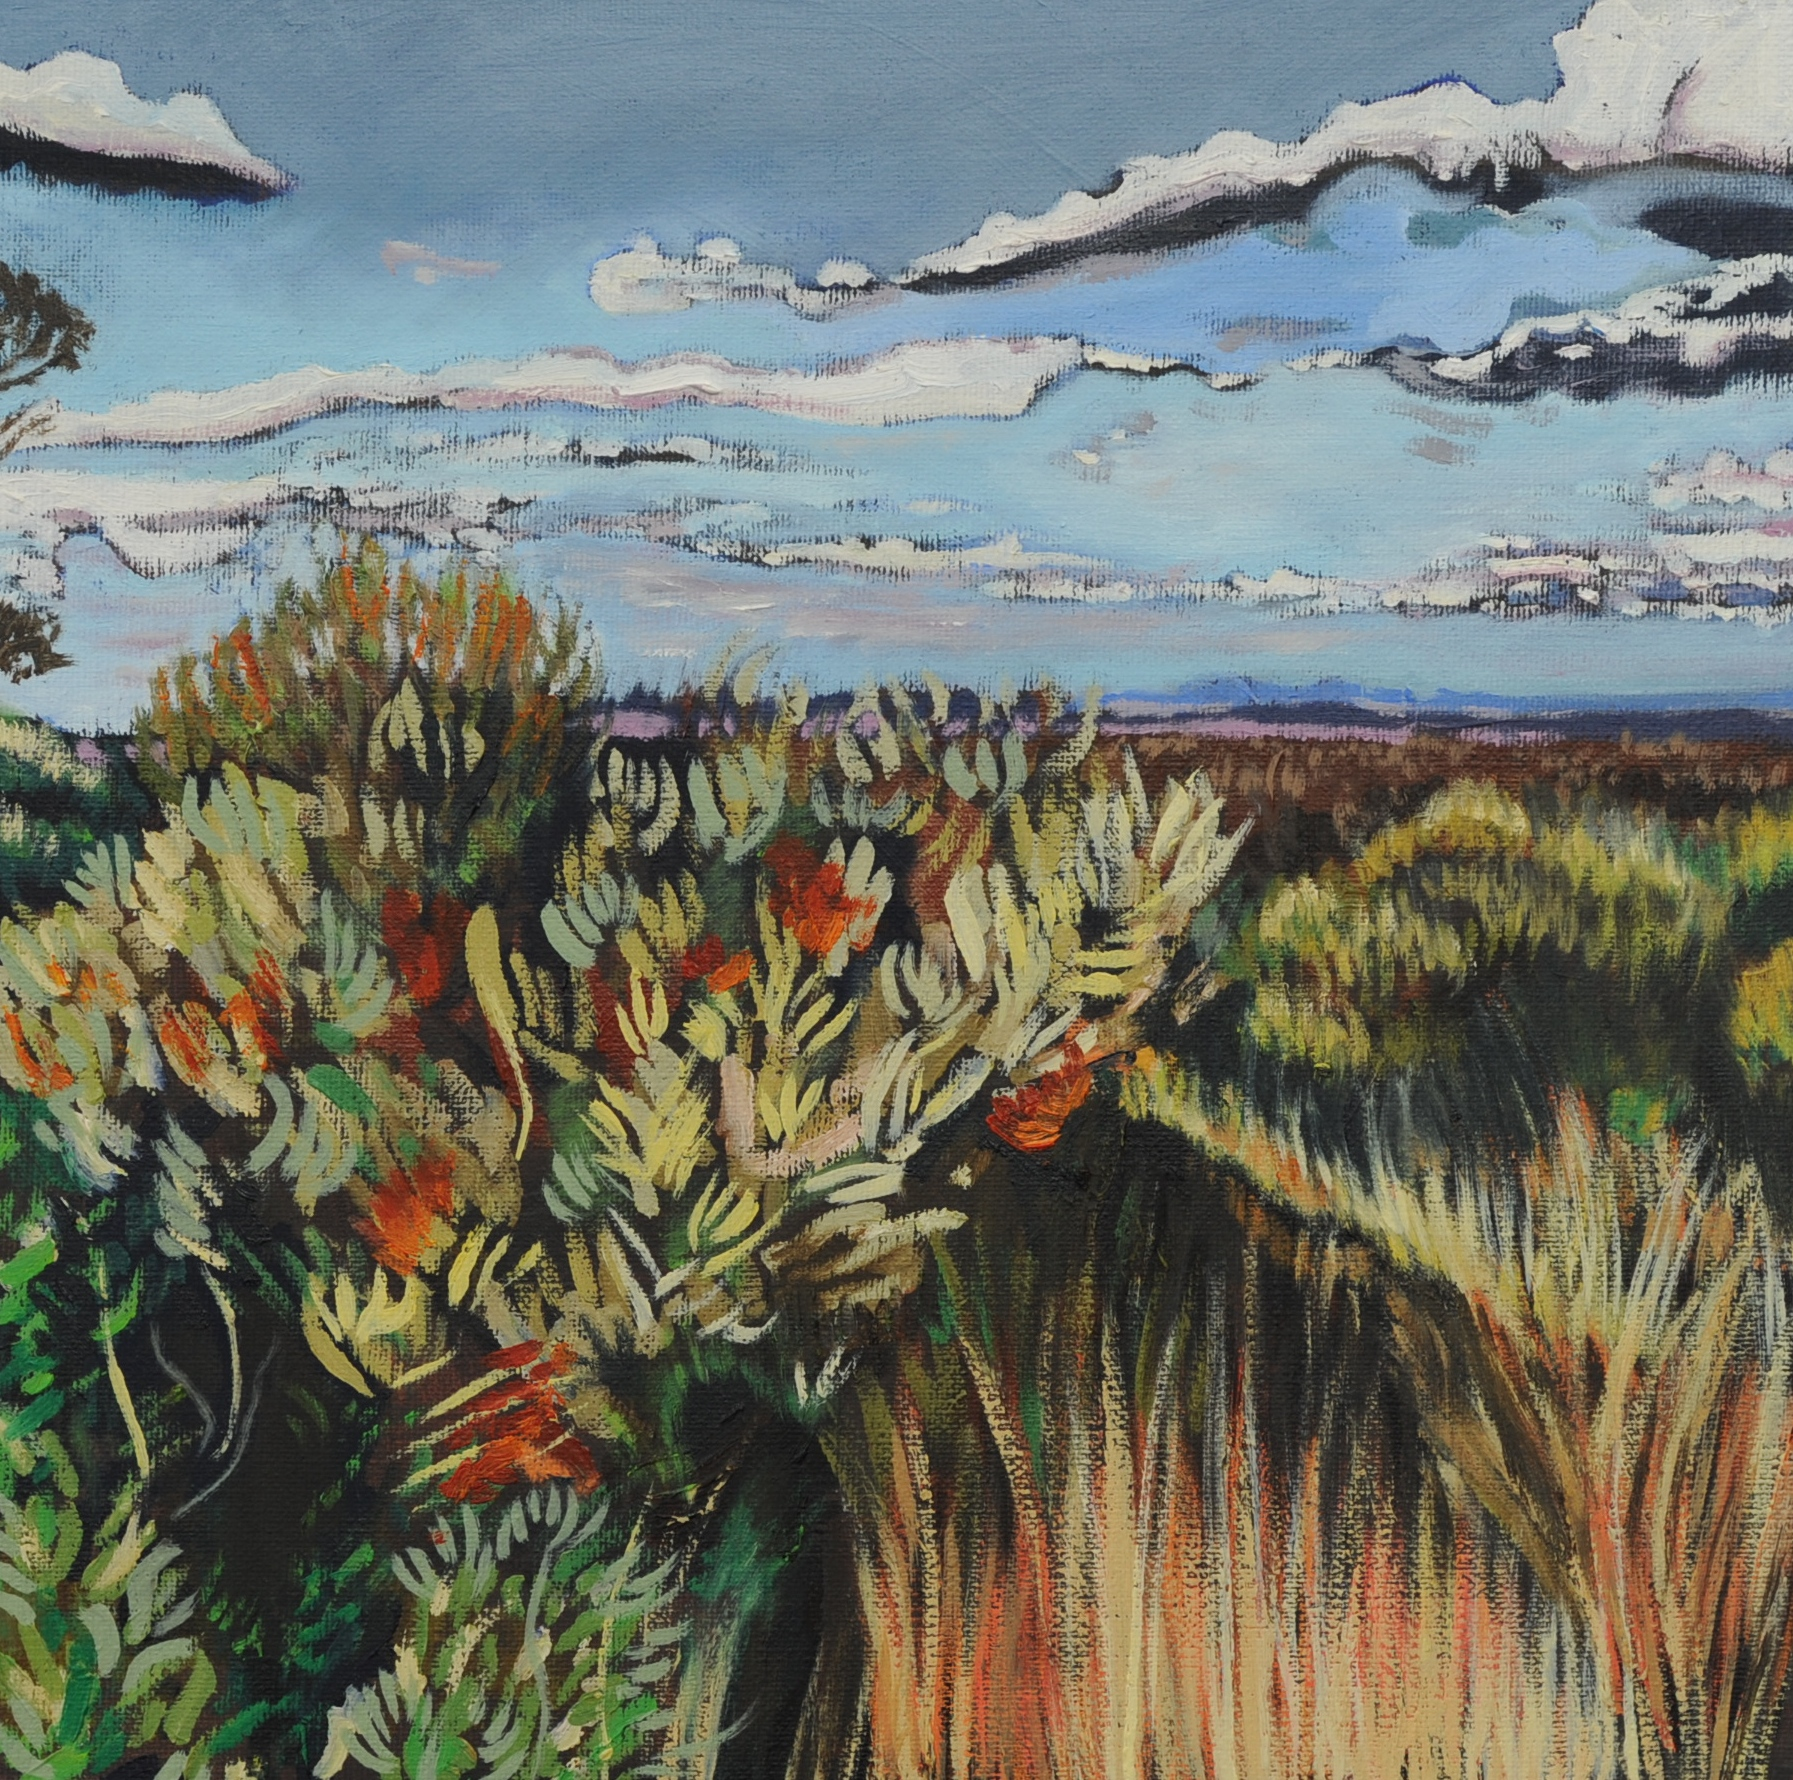 King's Tableland Banksia, 2015